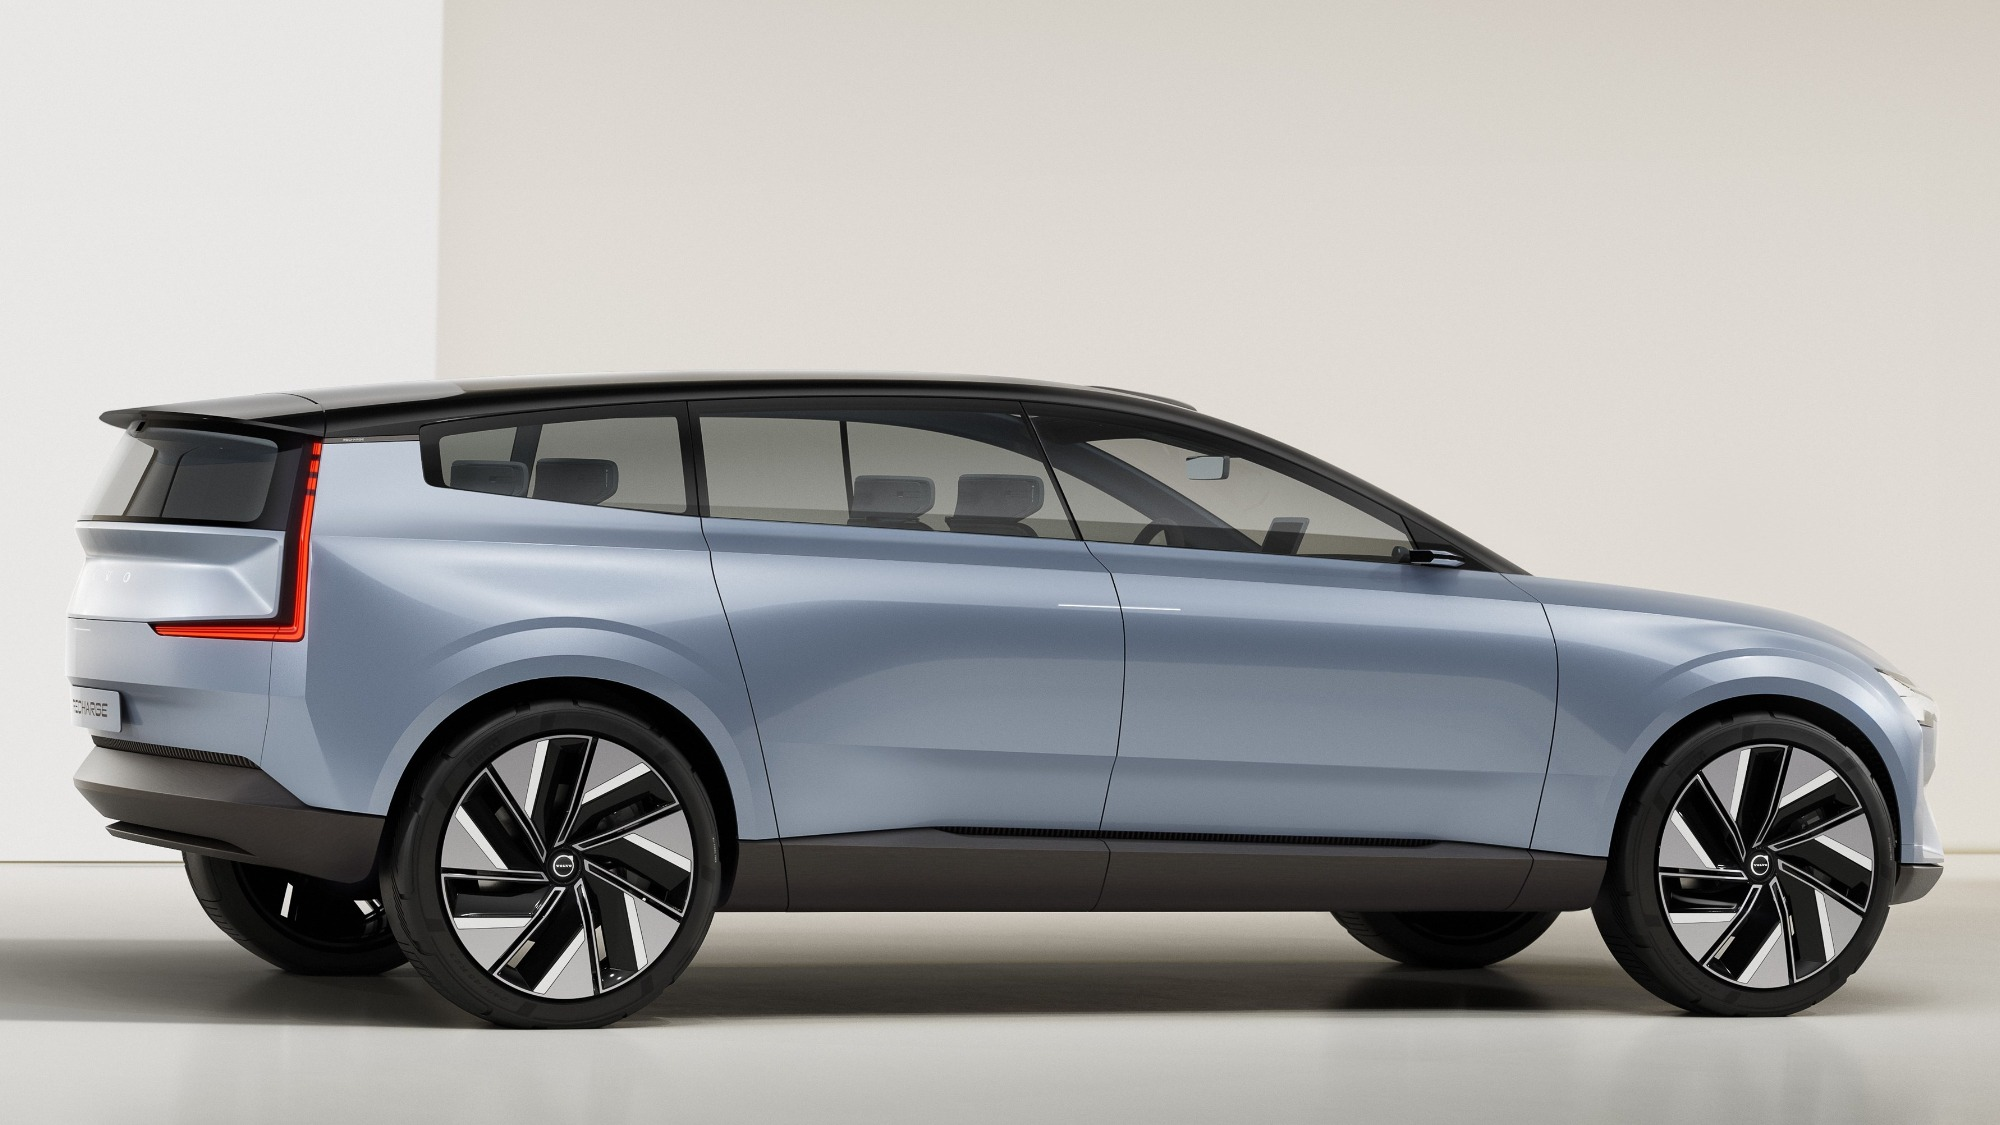 Conceito do Volvo Recharge azul claro visto de lado